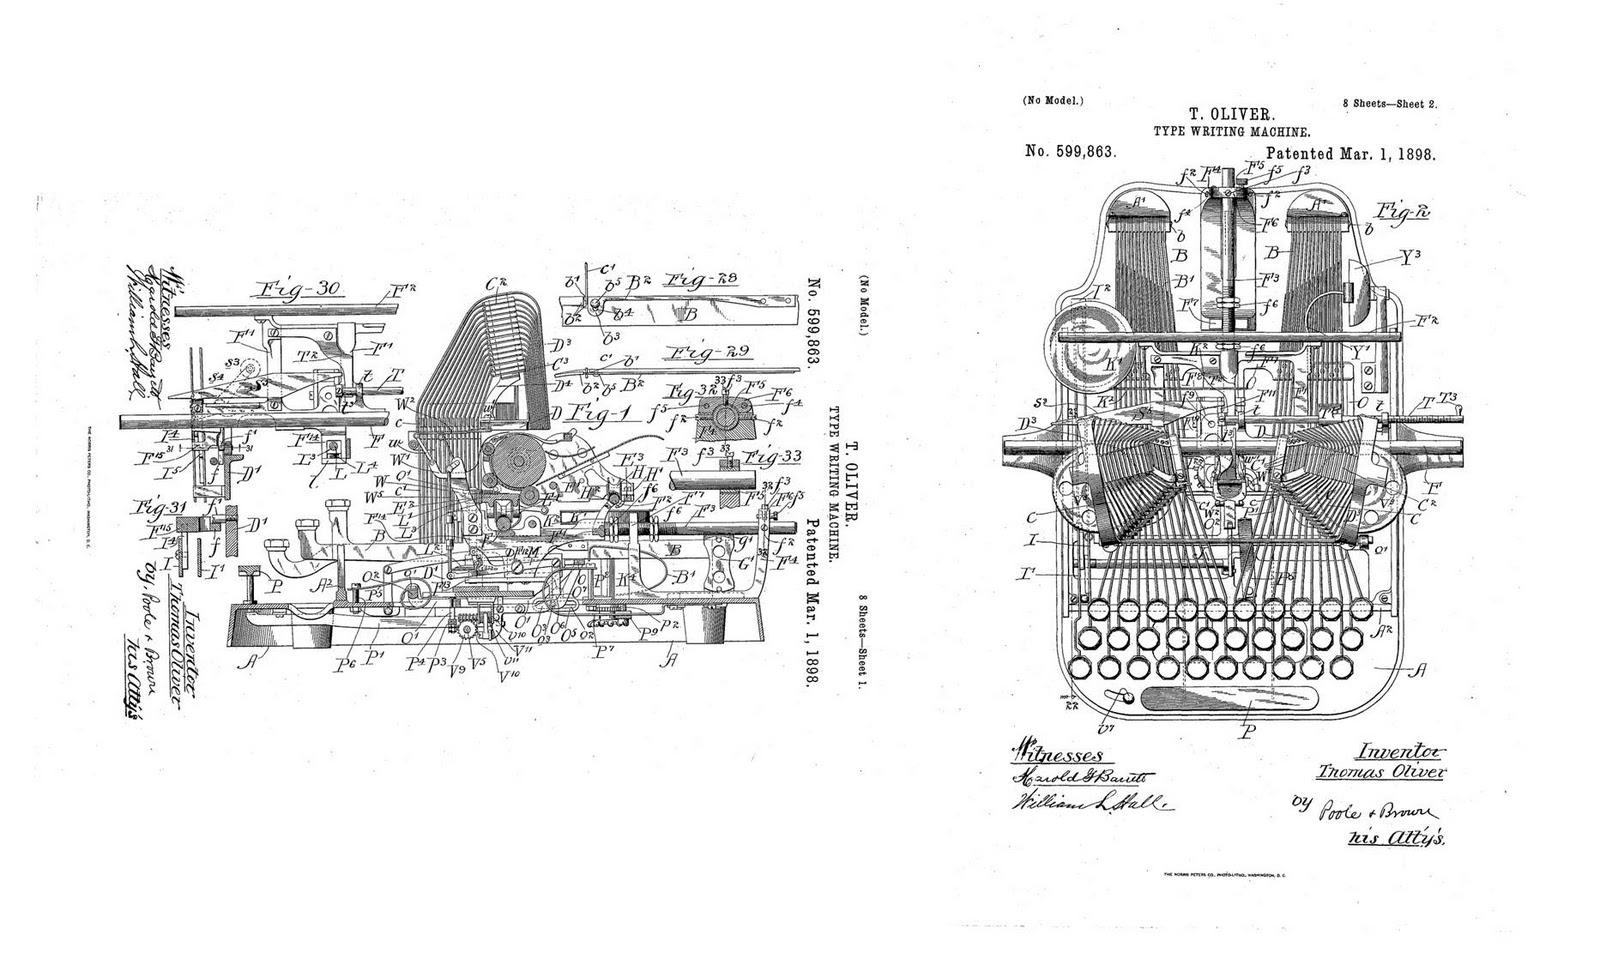 manual typewriter diagram wiring of alternator bioimplement: january 2012